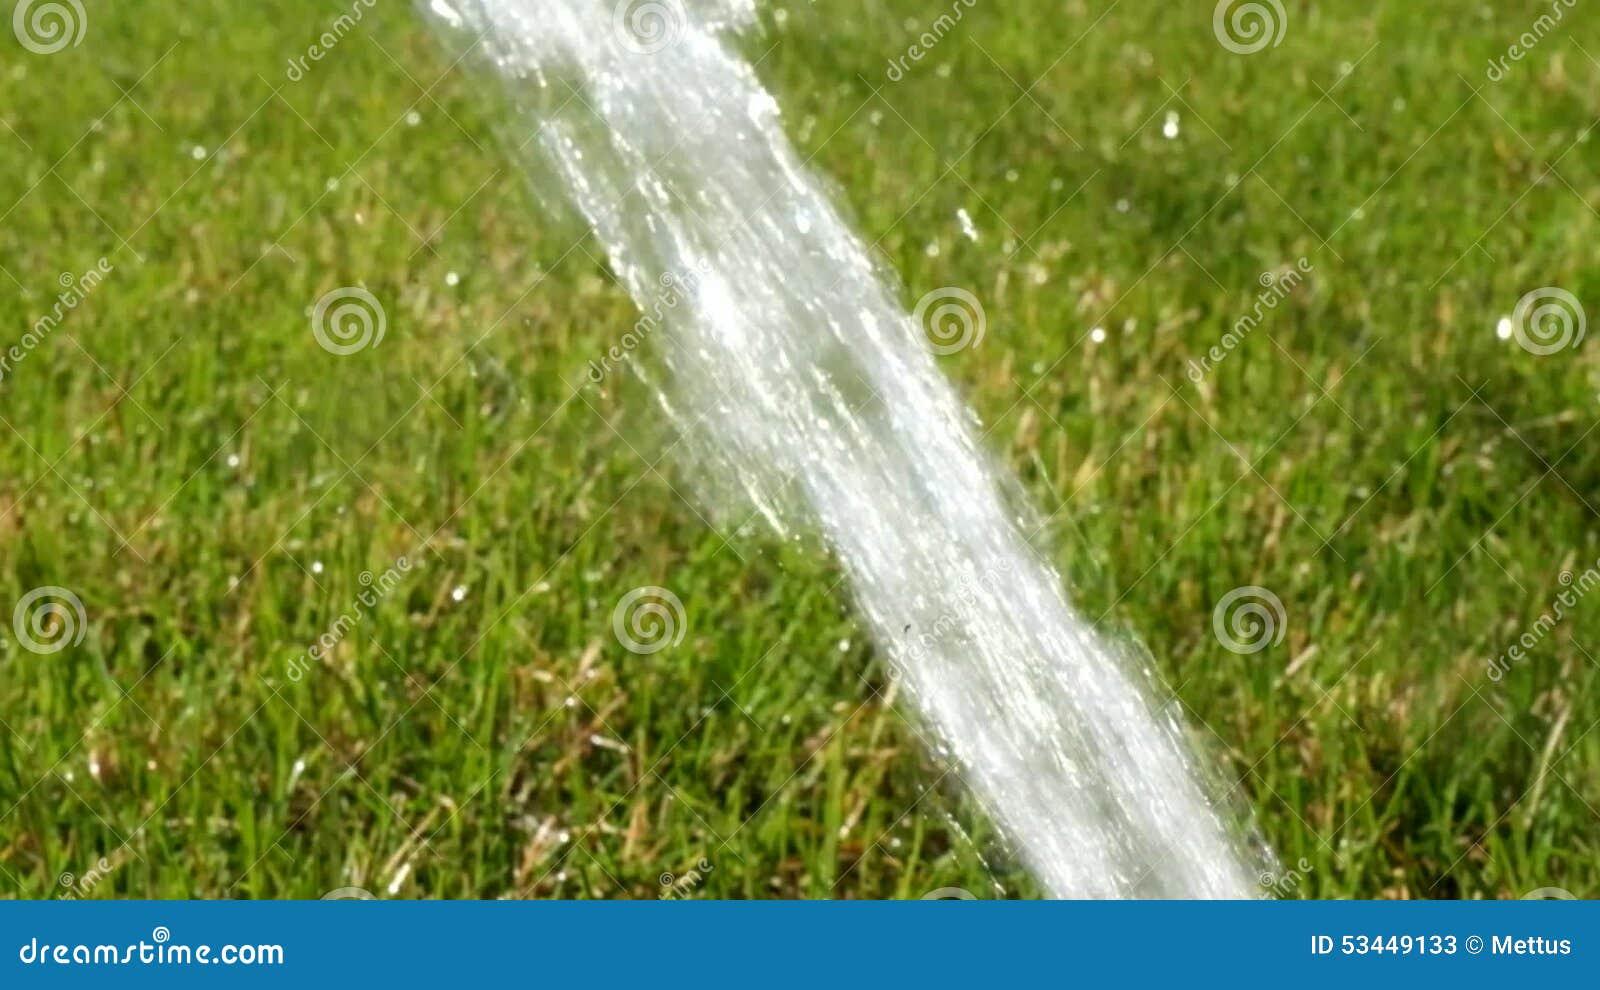 Rasen Bewässerungssystem fluss des wassers auf rasen automatisches bewässerungssystem im